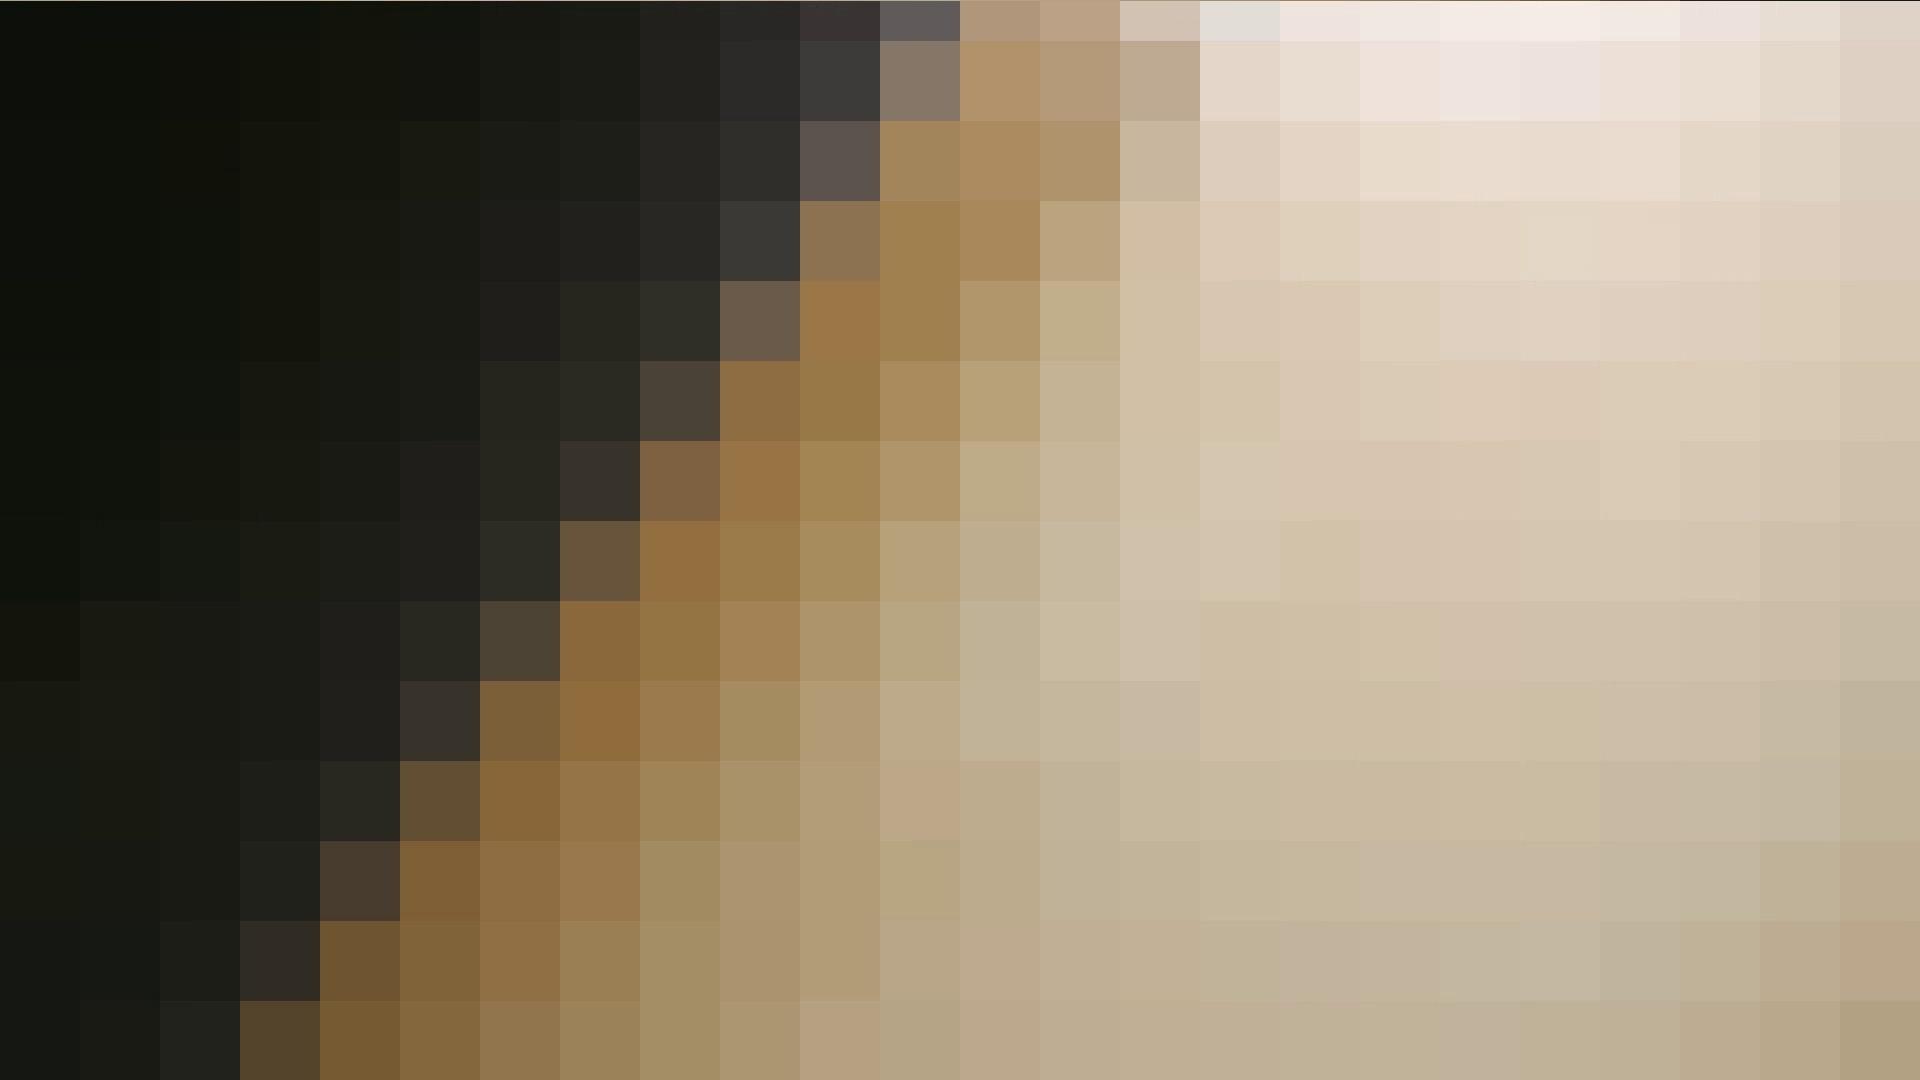 阿国ちゃんの「和式洋式七変化」No.17 お姉さん攻略 AV動画キャプチャ 87画像 37